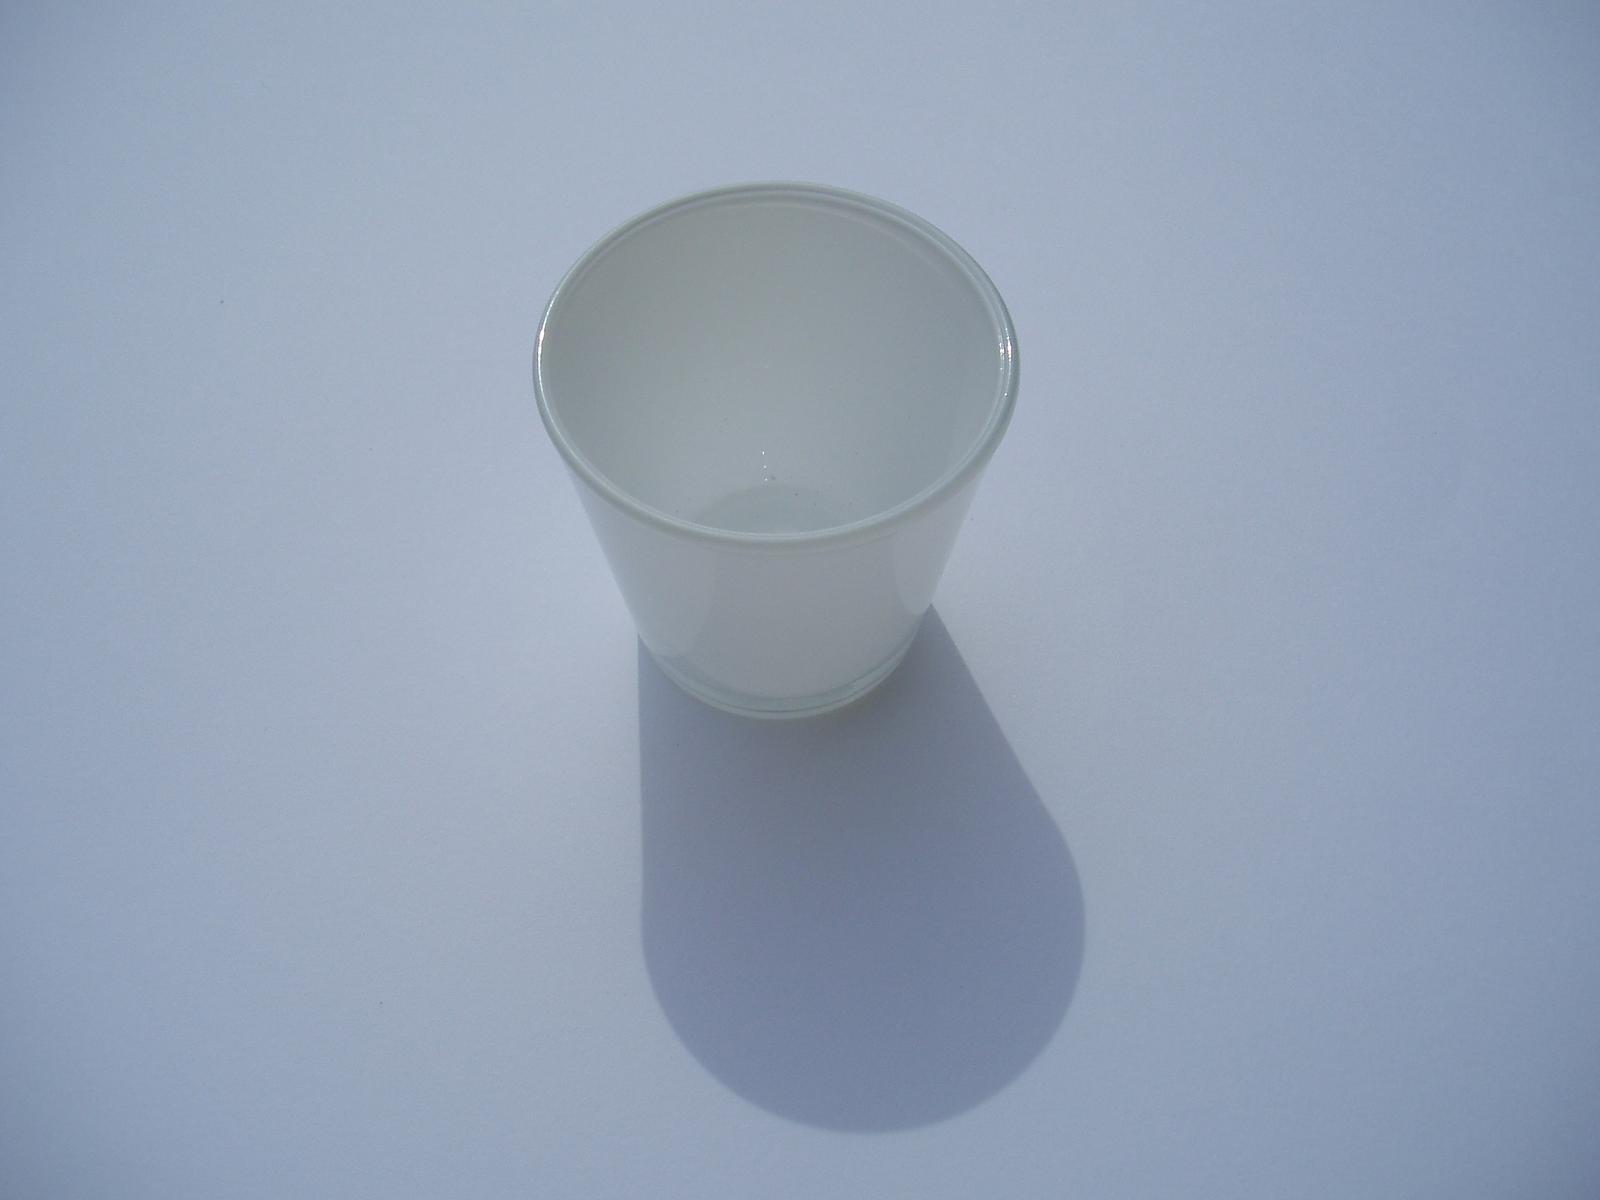 svícen skleněný - Obrázek č. 1